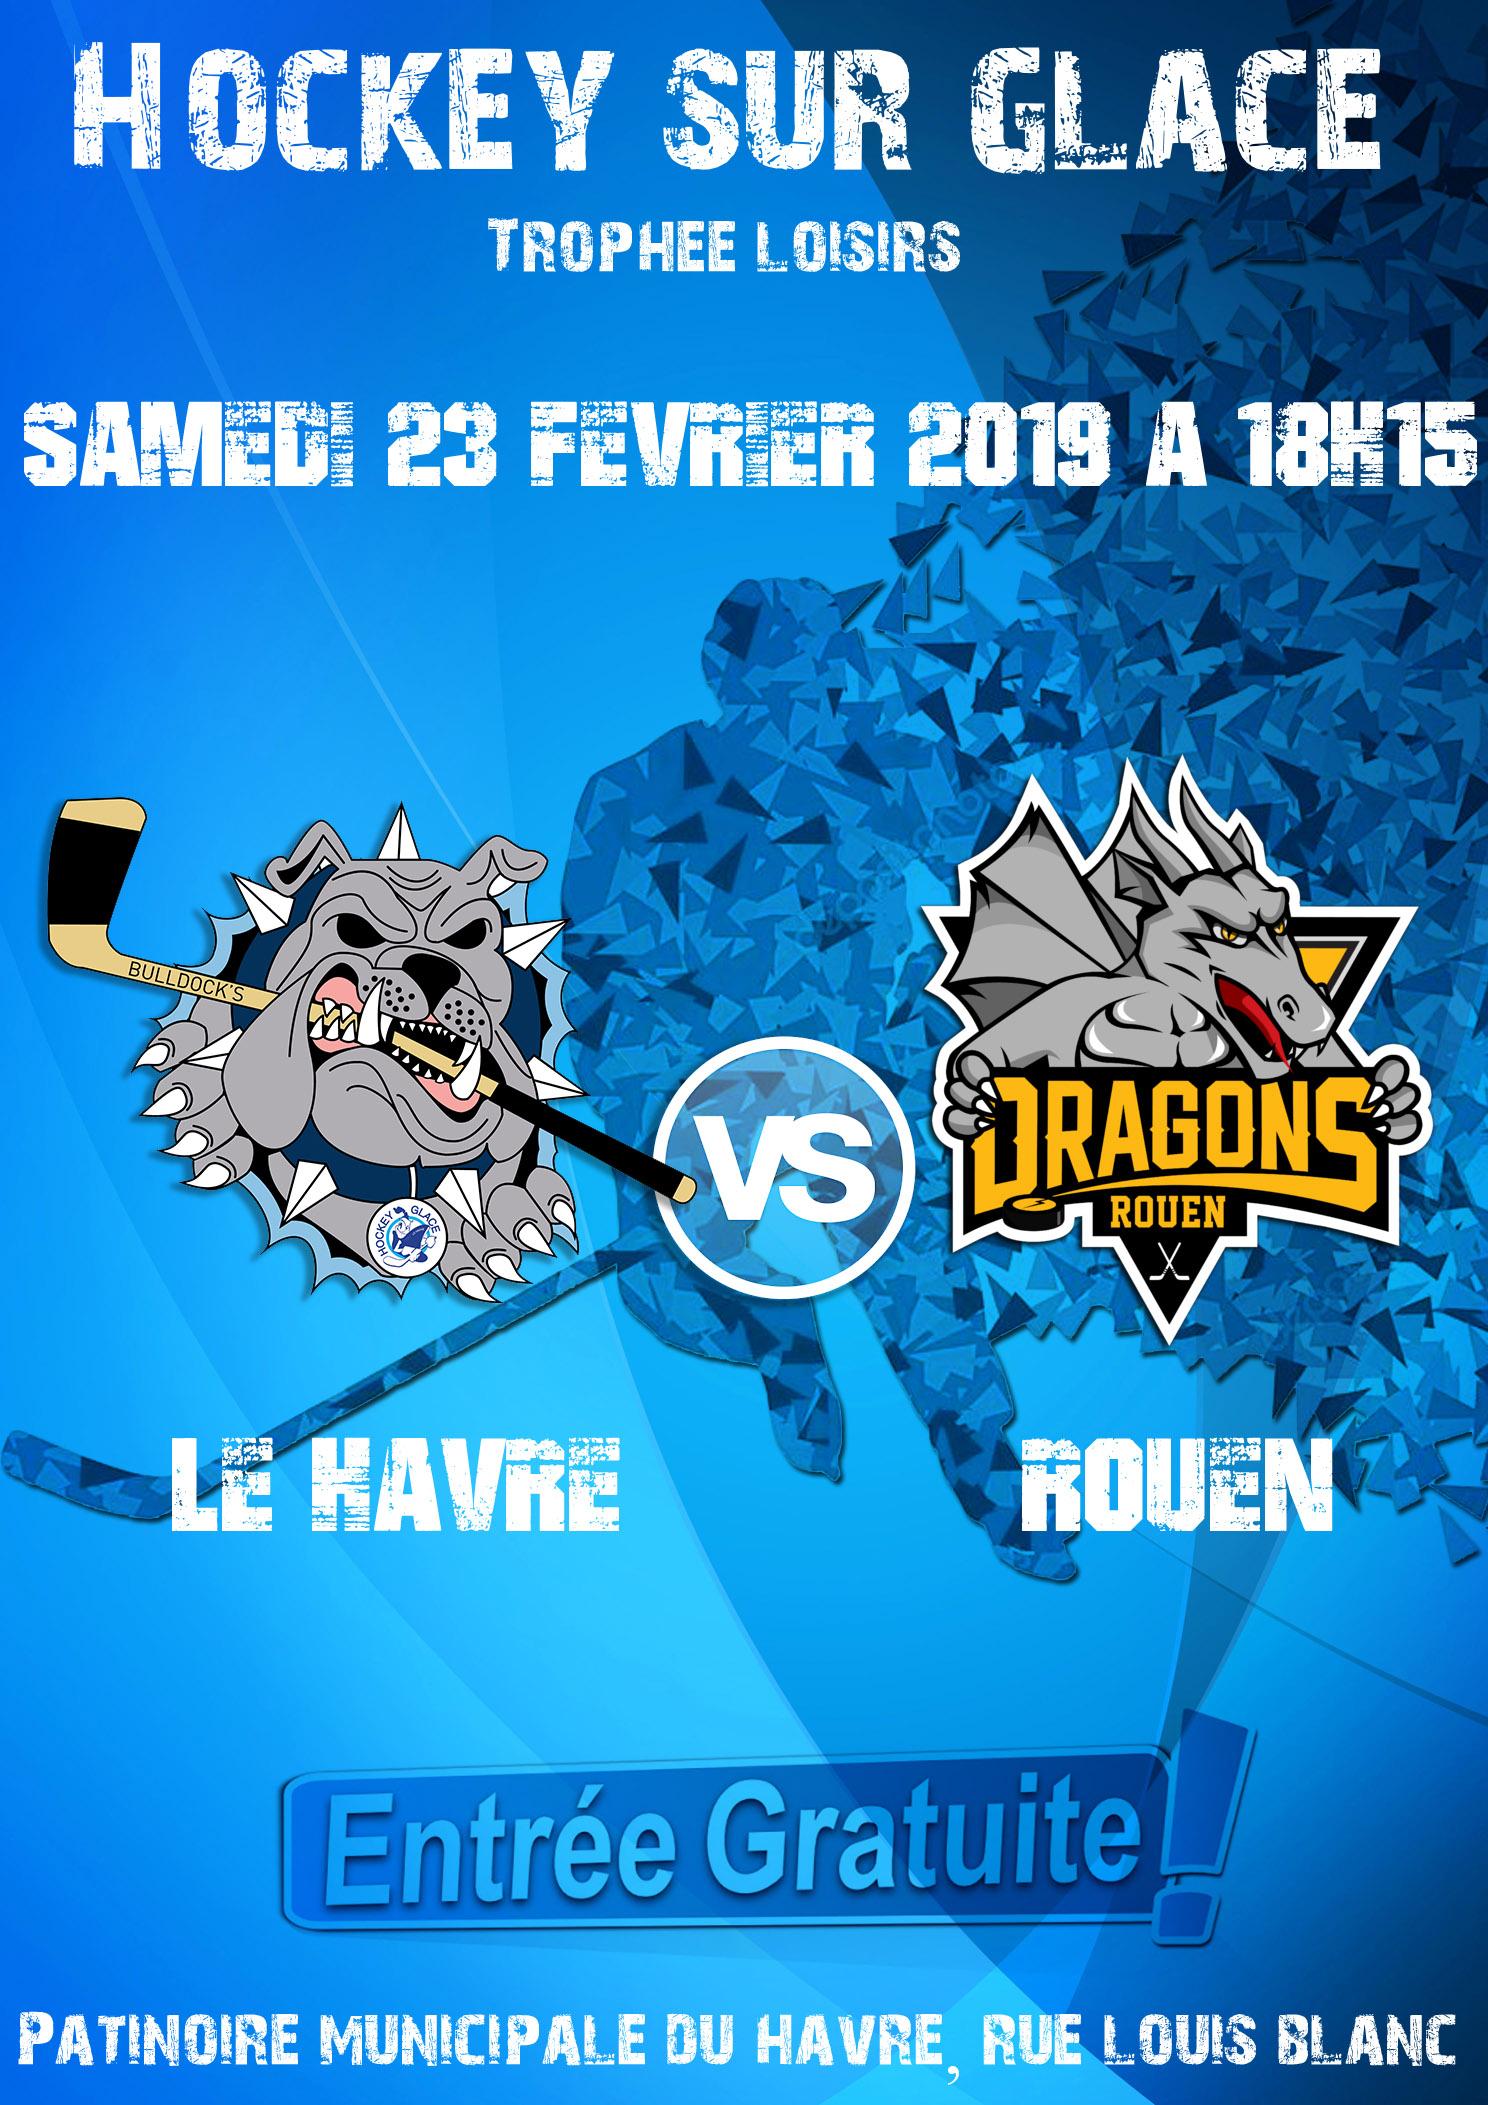 Trophée Loisirs : Le Havre vs Rouen, l'affiche !